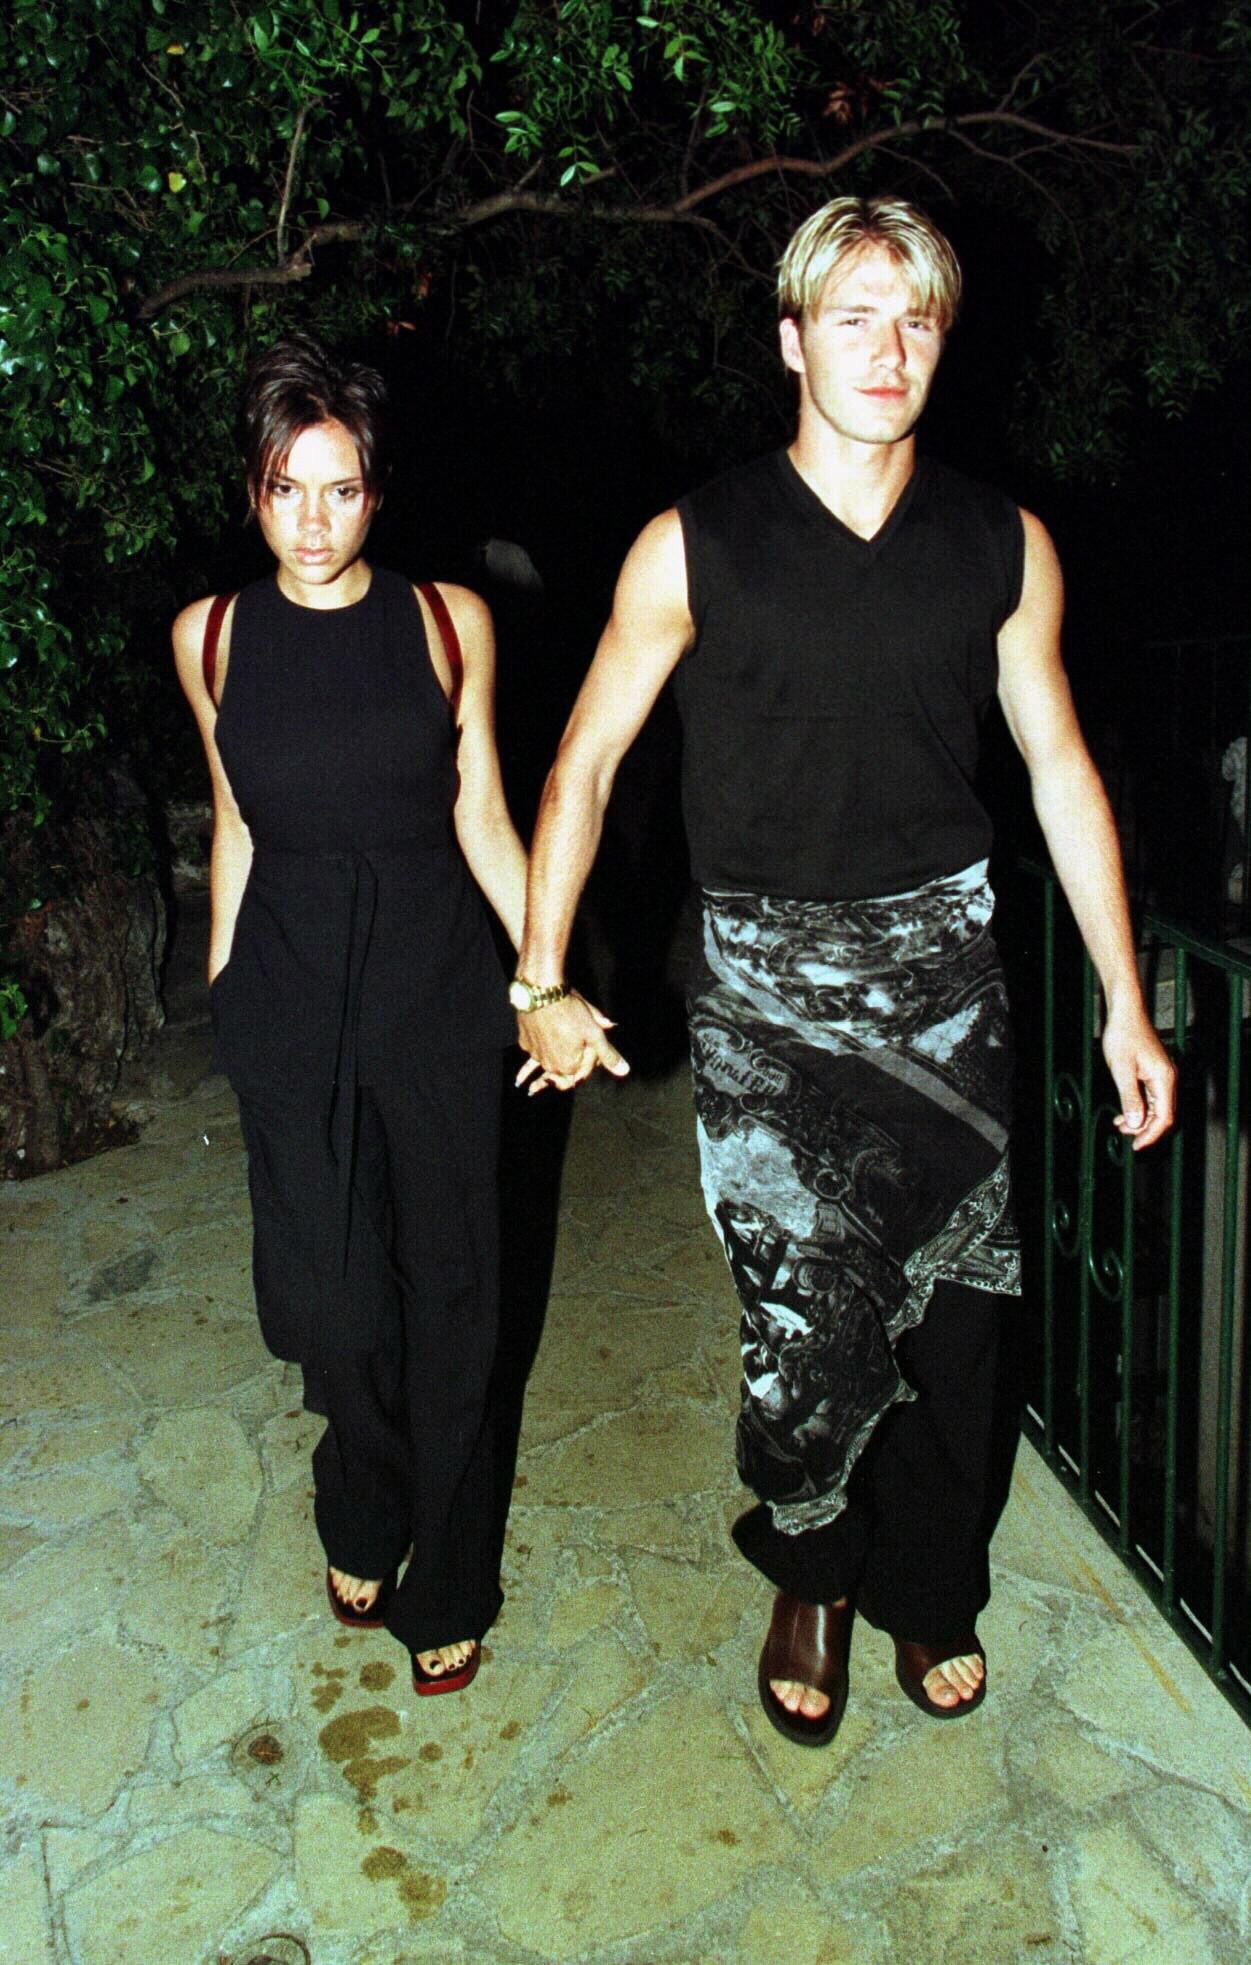 Mặc tin đồn ly dị đến vụng trộm, Beckham vẫn khiến cả thế giới ghen tỵ vì ưu ái vợ cử chỉ đặc biệt này suốt 20 năm - Ảnh 2.